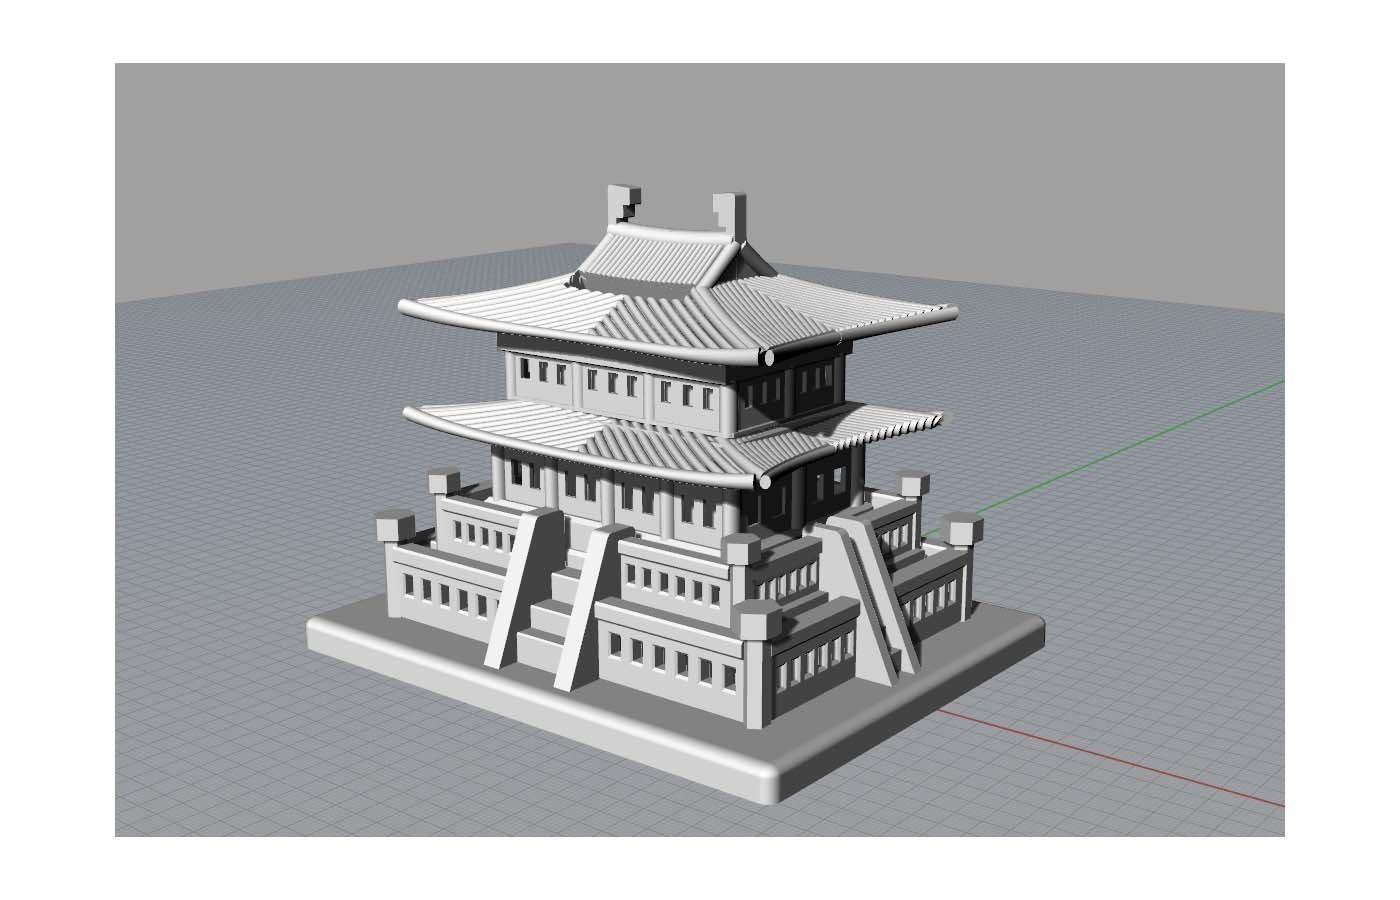 Korean Traditional Architecture Coin Bank jpg3.jpg Télécharger fichier STL gratuit Banque Coréenne d'Architecture Traditionnelle de Pièces de monnaie • Design imprimable en 3D, hyojung0320